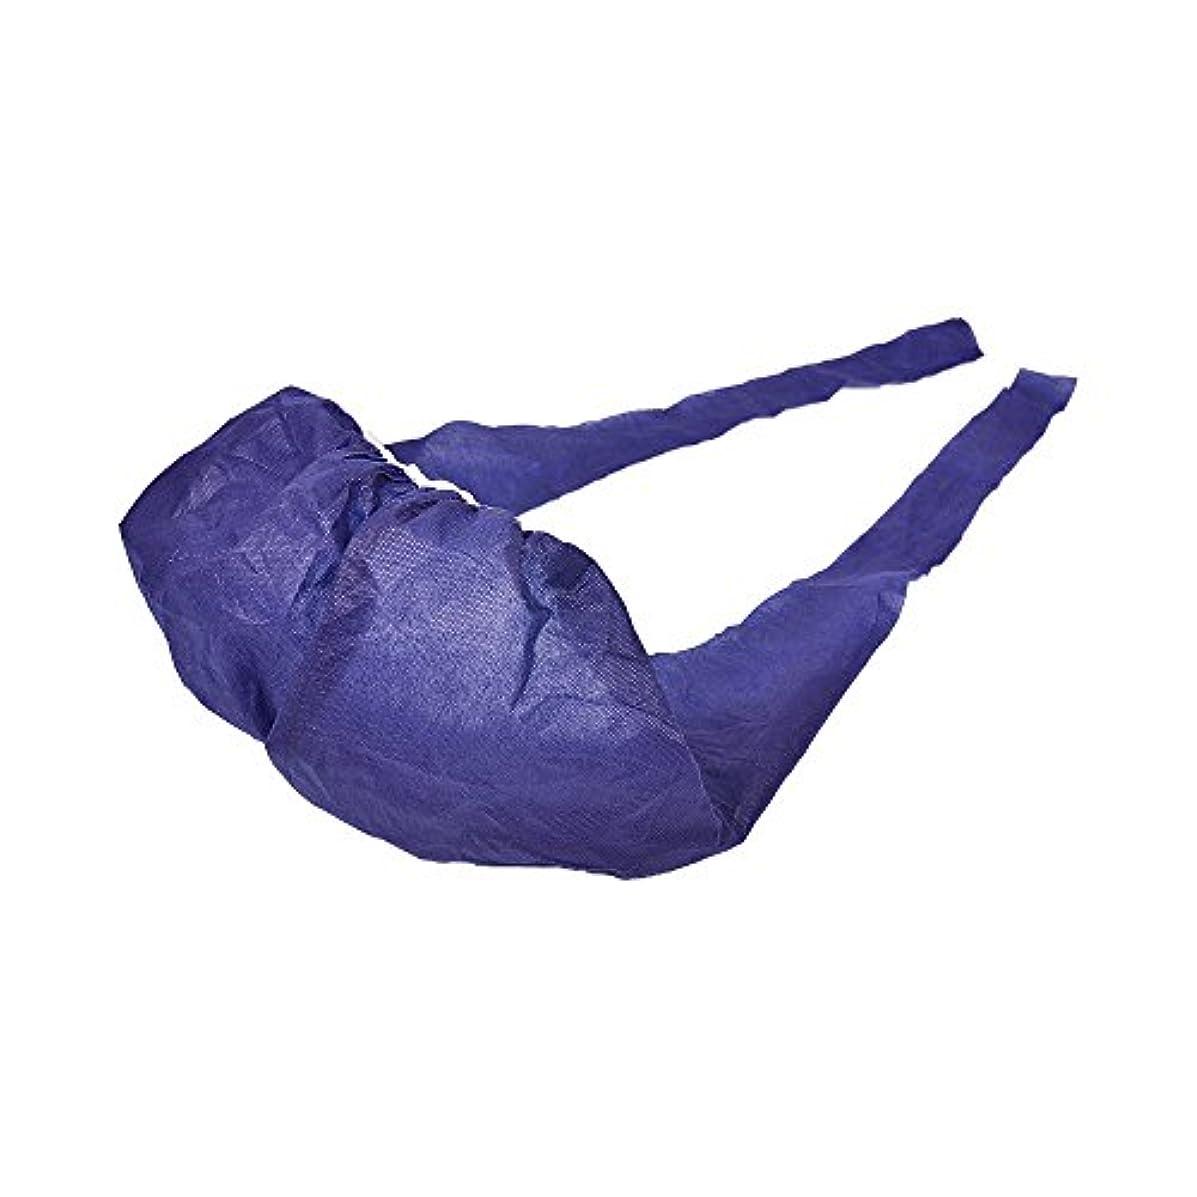 使い捨てブラジャー 50枚入り 紐タイプ ブラック エステ サロン マッサージ 用品 ペーパーブラジャー 使い捨て下着 紙ブラジャー